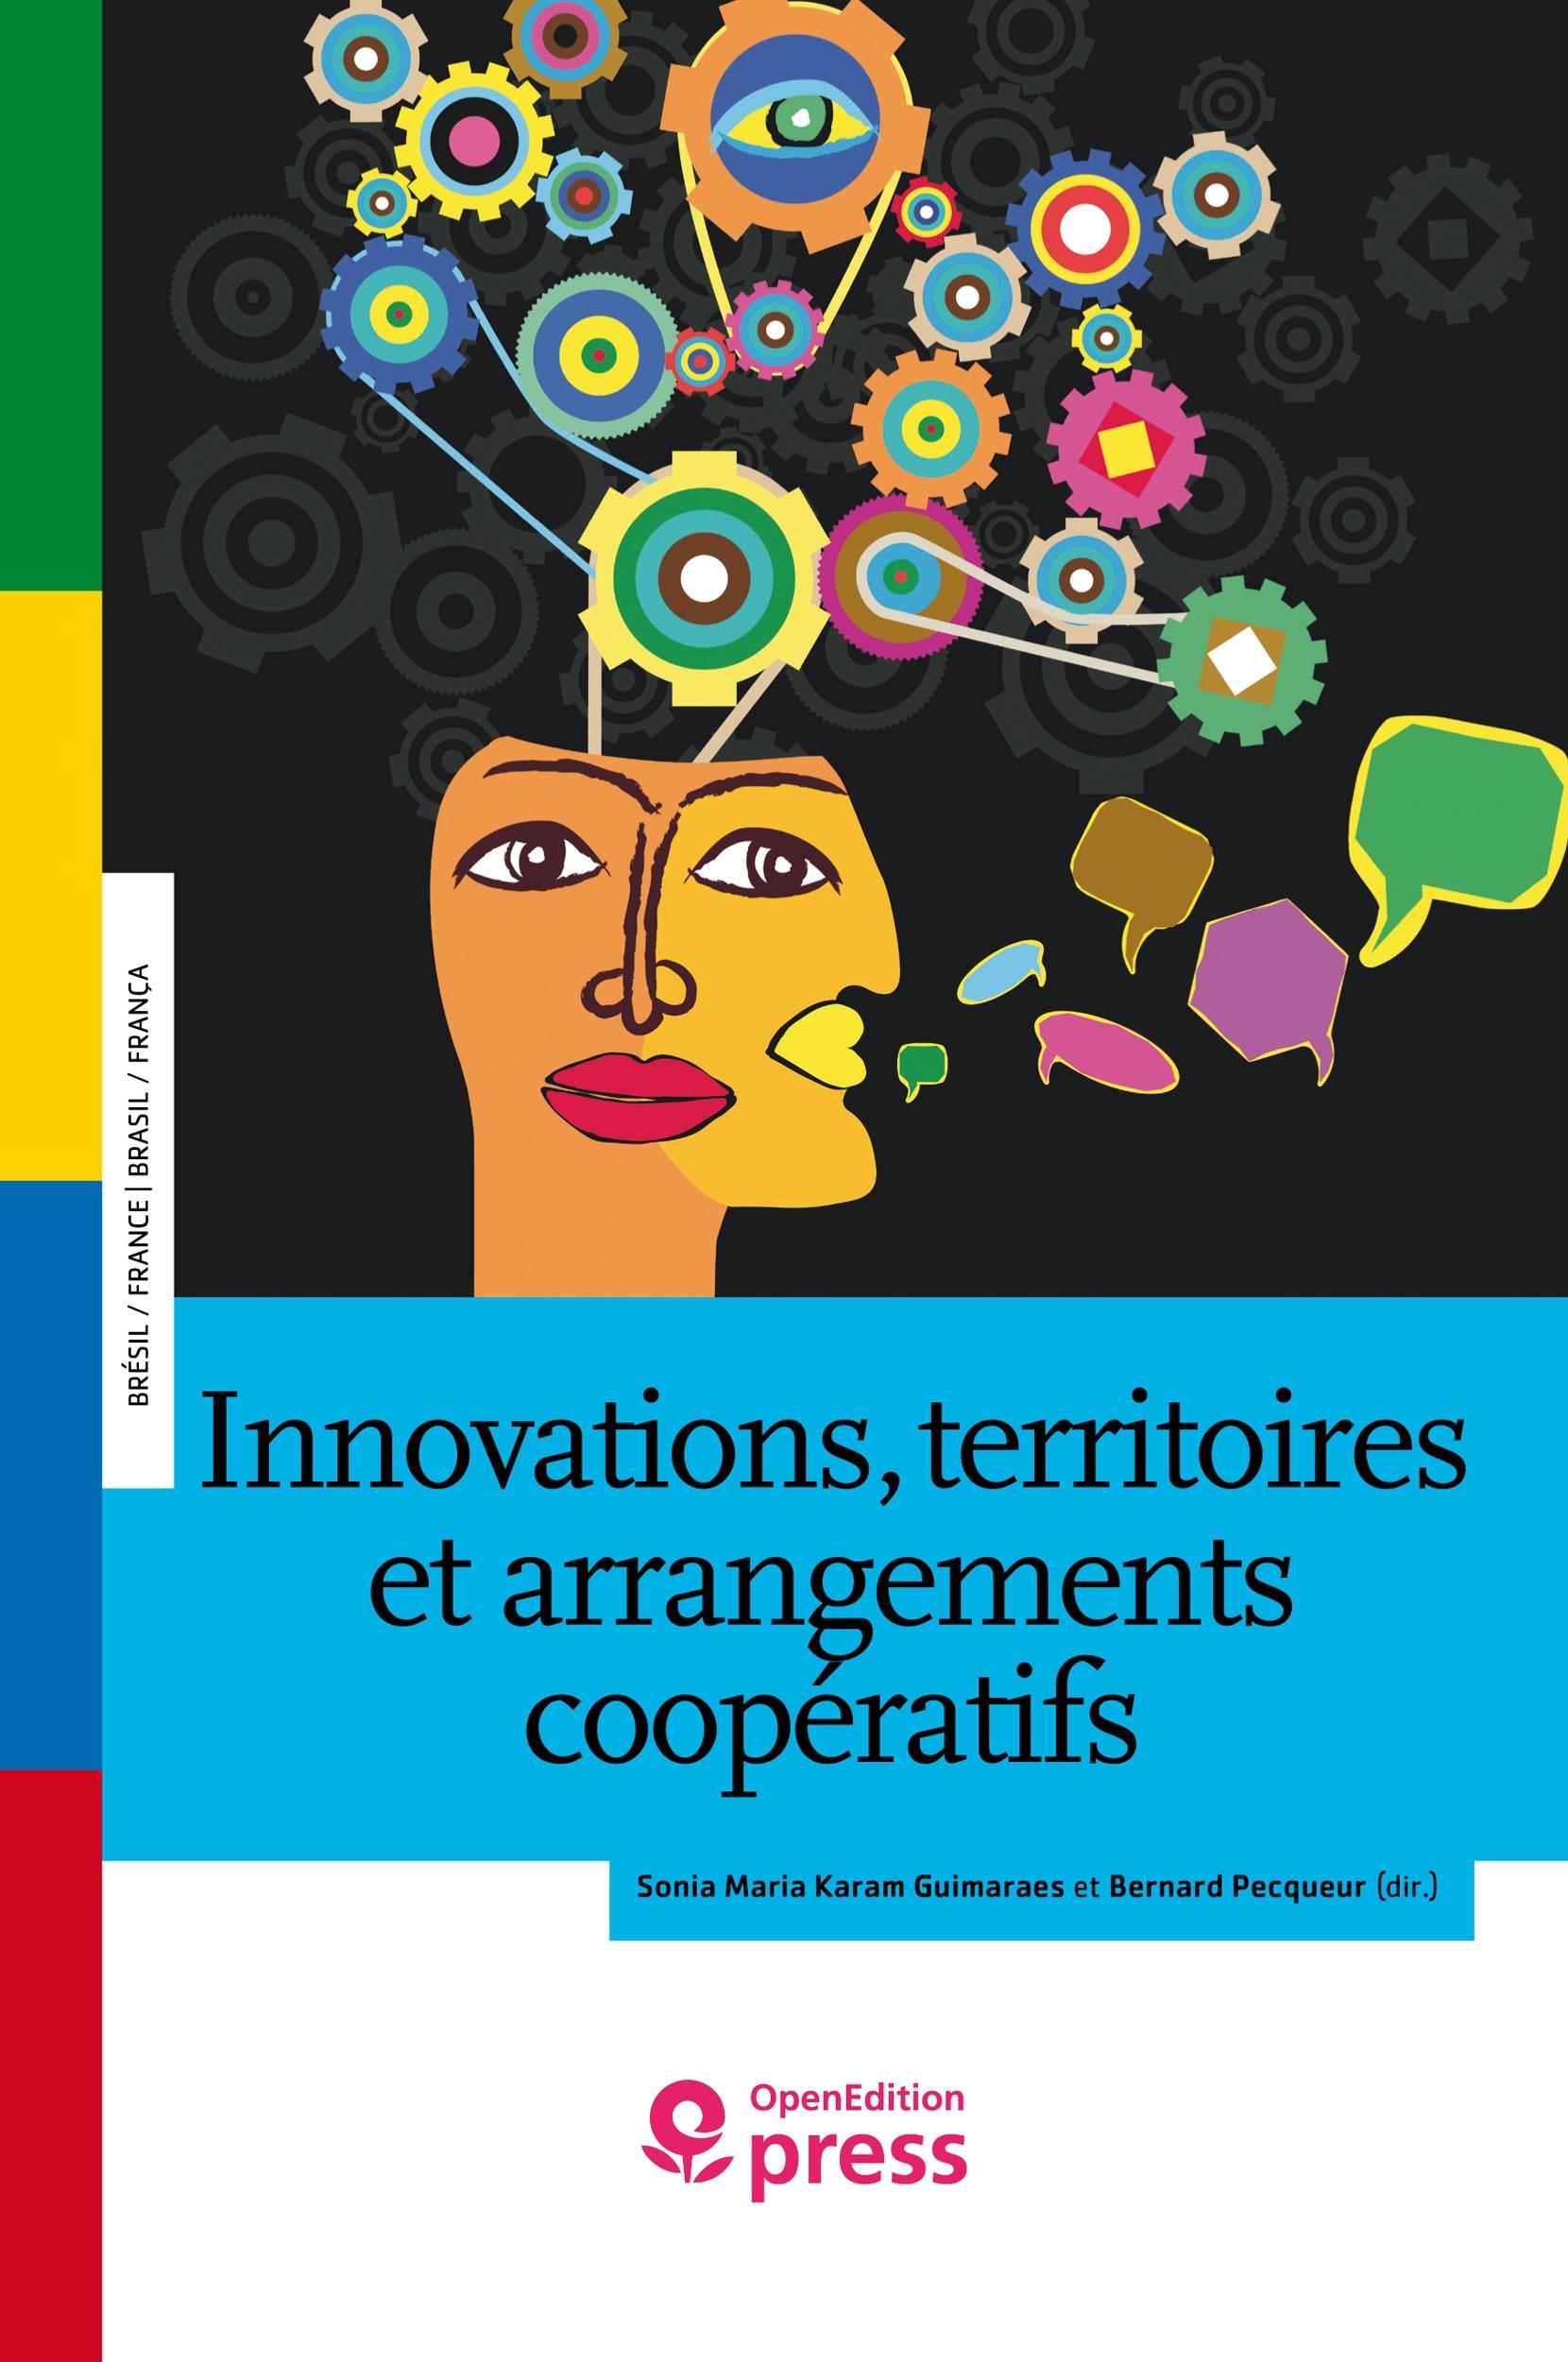 Innovations, territoires et arrangements coopératifs